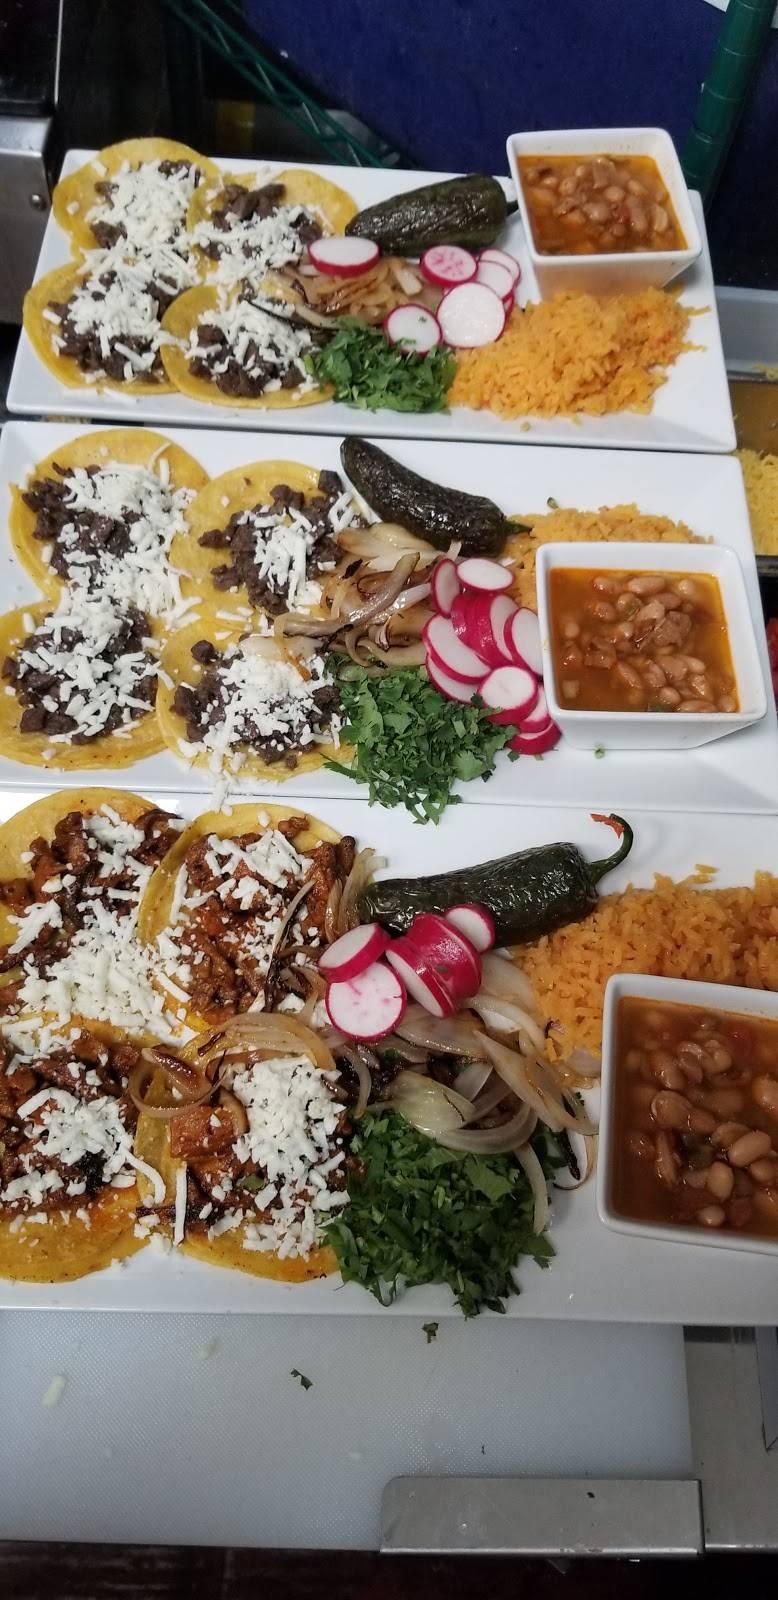 Mi Nueva Casa Restraunt | restaurant | 7602 S Staples St suite 106, Corpus Christi, TX 78414, USA | 3614445080 OR +1 361-444-5080